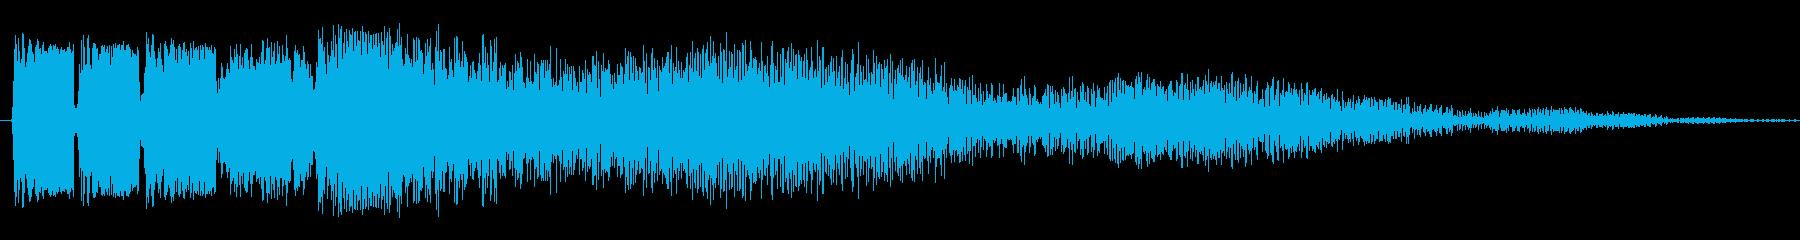 リップストップの再生済みの波形